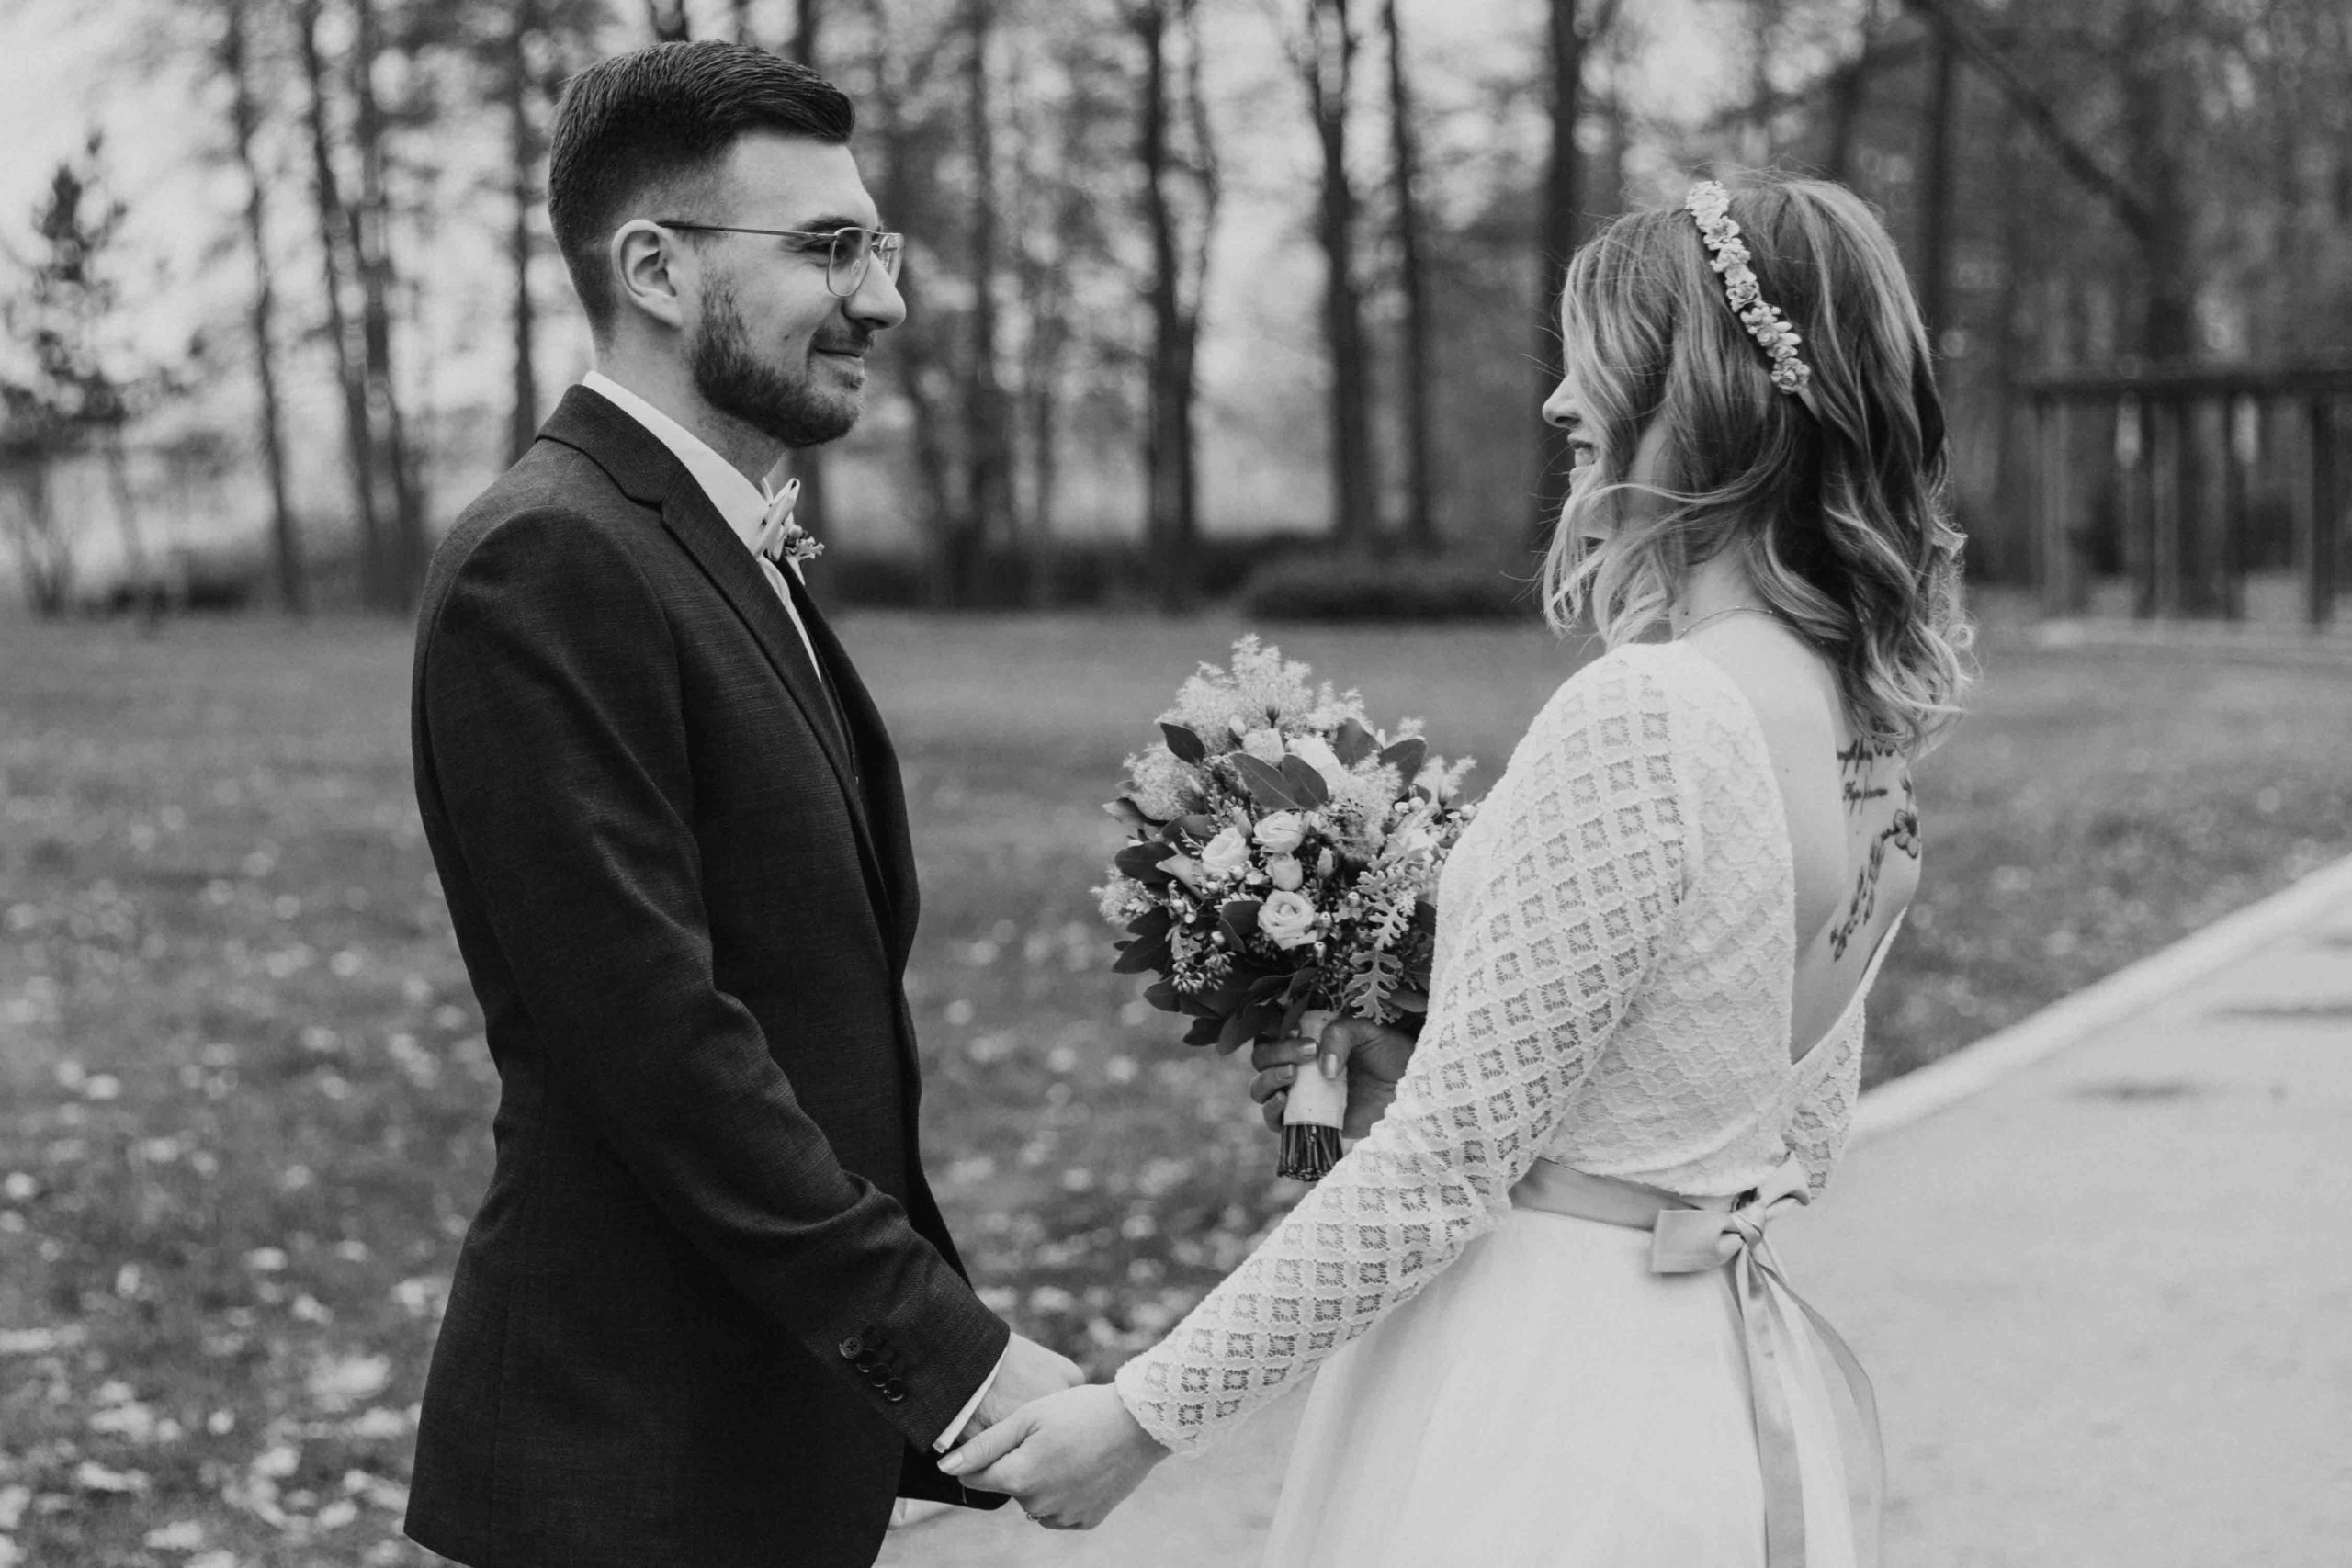 noni Brautmode, Brautpaar händchenhaltend mit Brautstrauss in der Natur. Bräutigam im Anzug, Braut mit rückenfreiem Boho-Brautkleid, Blumenkranz und farbigem Gürtel, schwarz-weiss